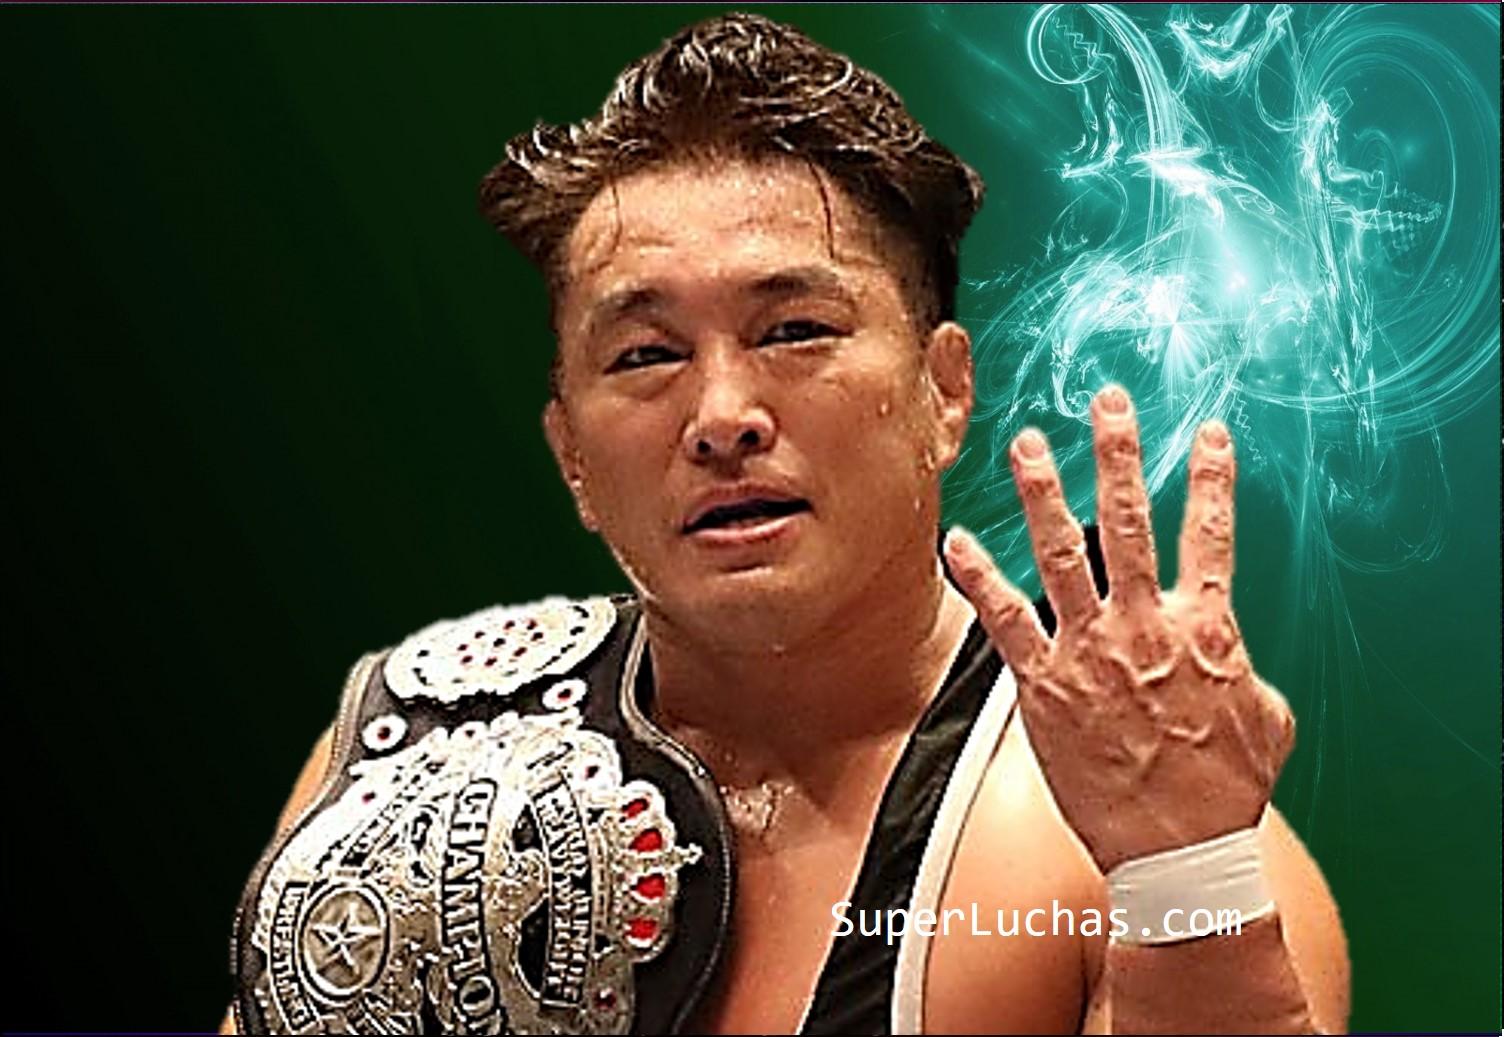 El mundo de la lucha libre reacciona a la muerte de Atsushi Aoki 1